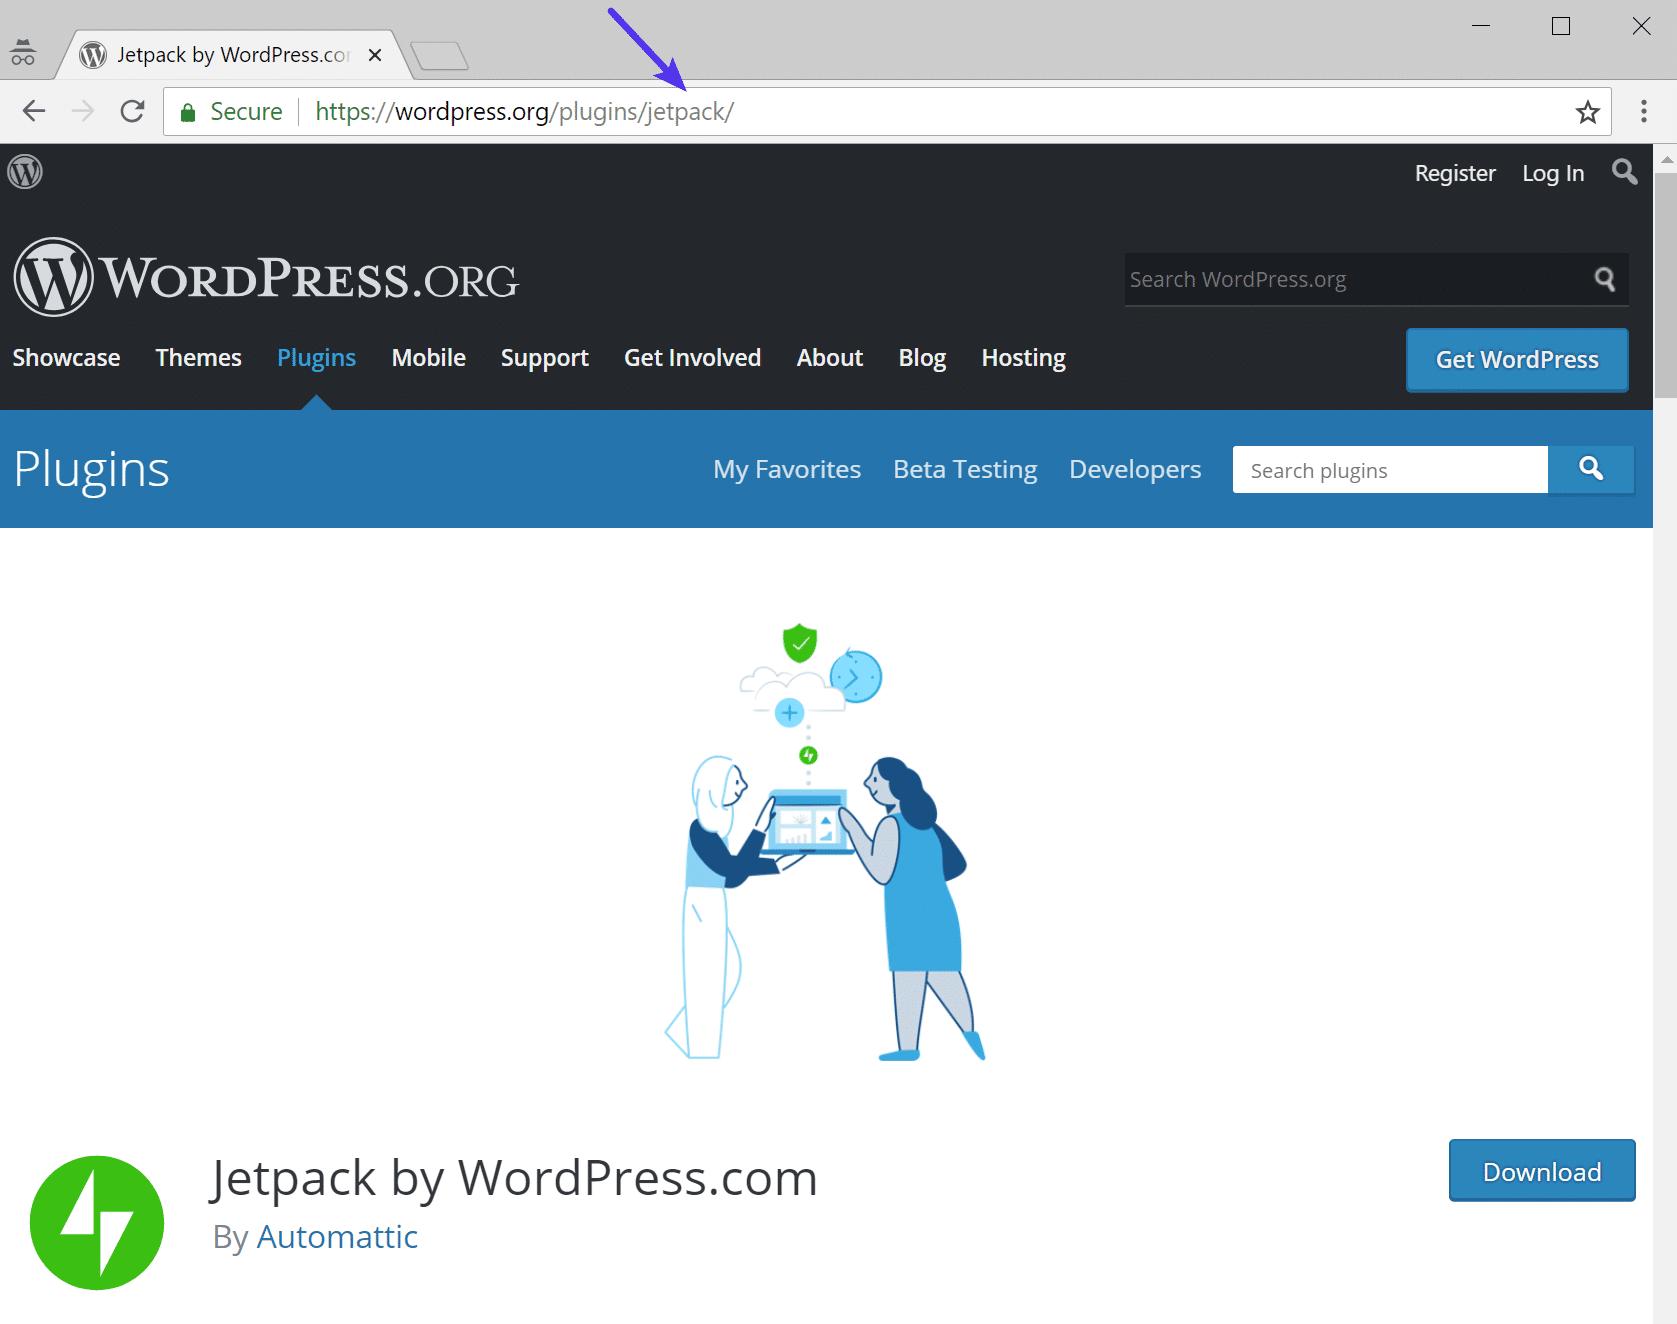 URL do repositório de plugins do WordPress